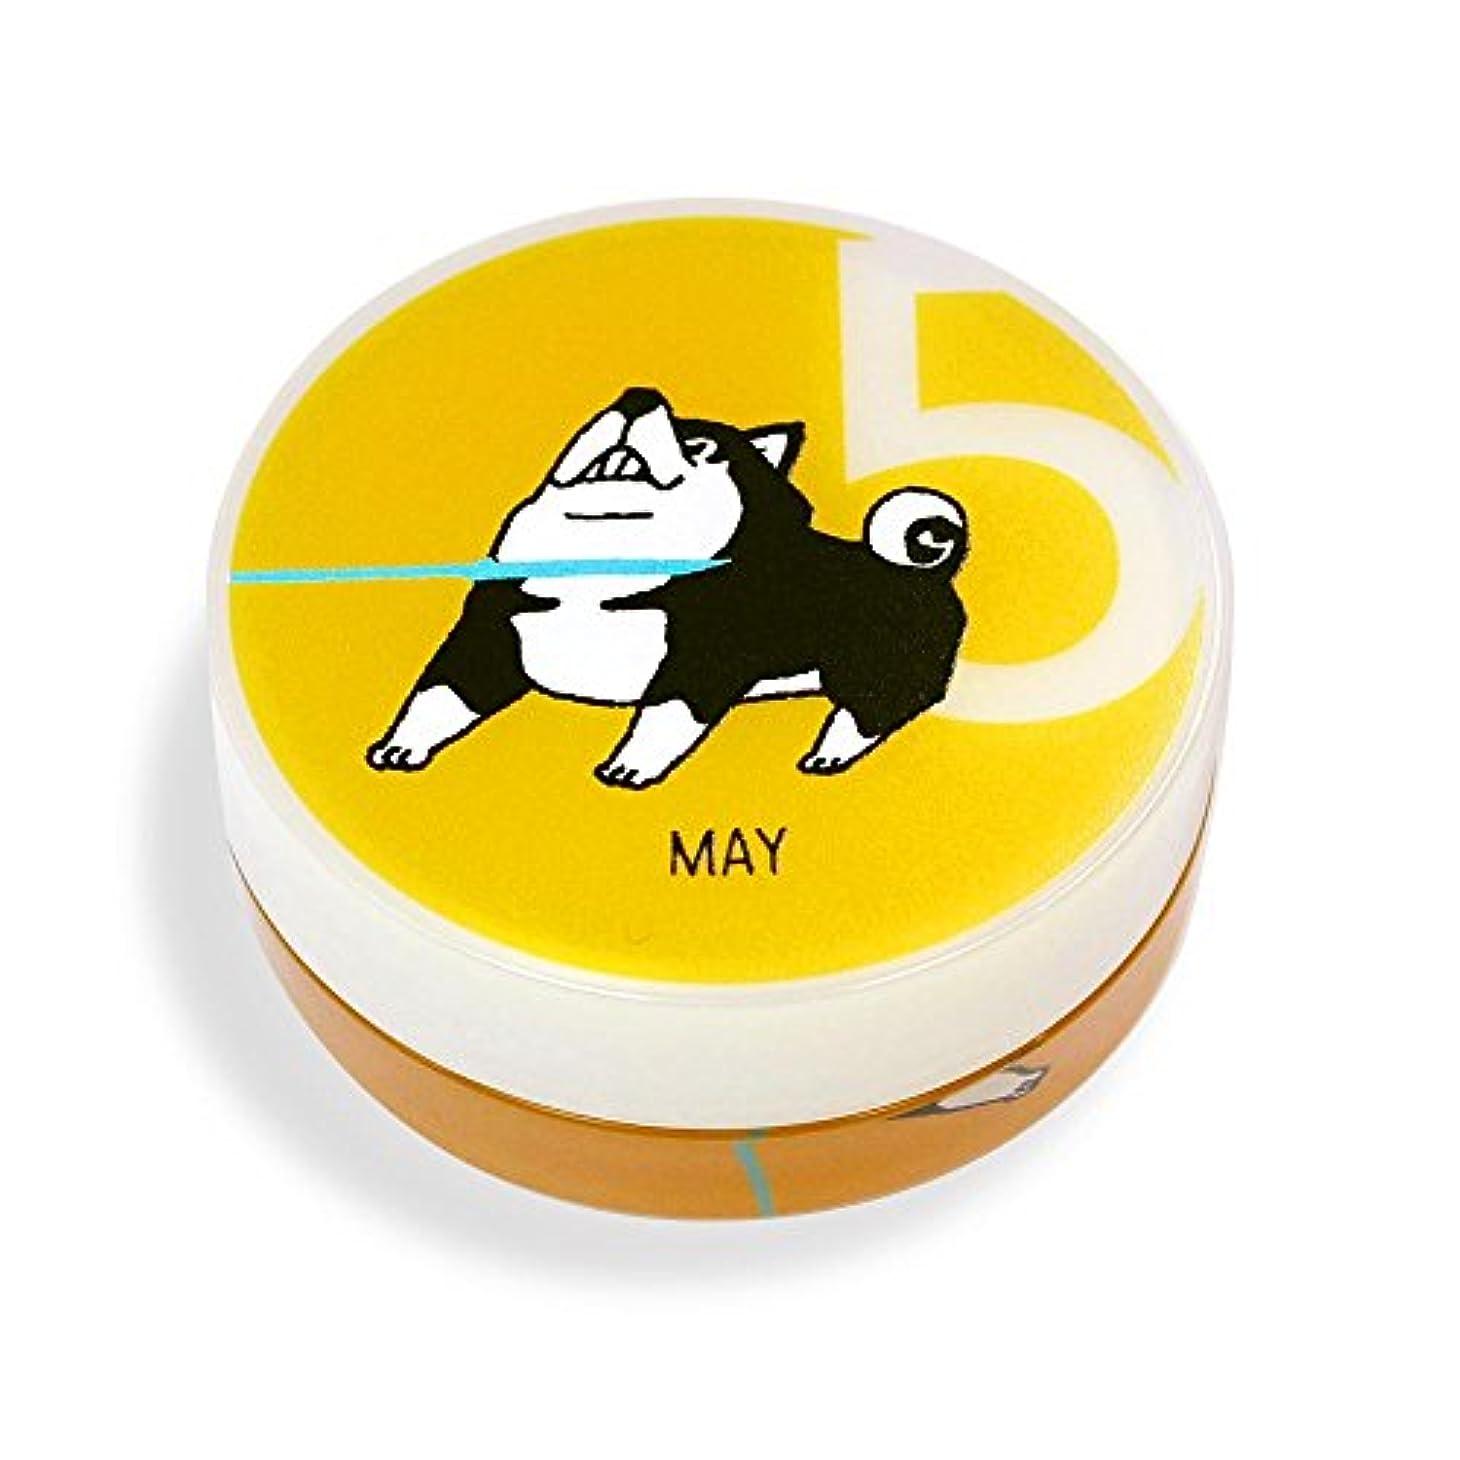 窒素に頼る攻撃しばんばん フルプルクリーム 誕生月シリーズ 5月 20g